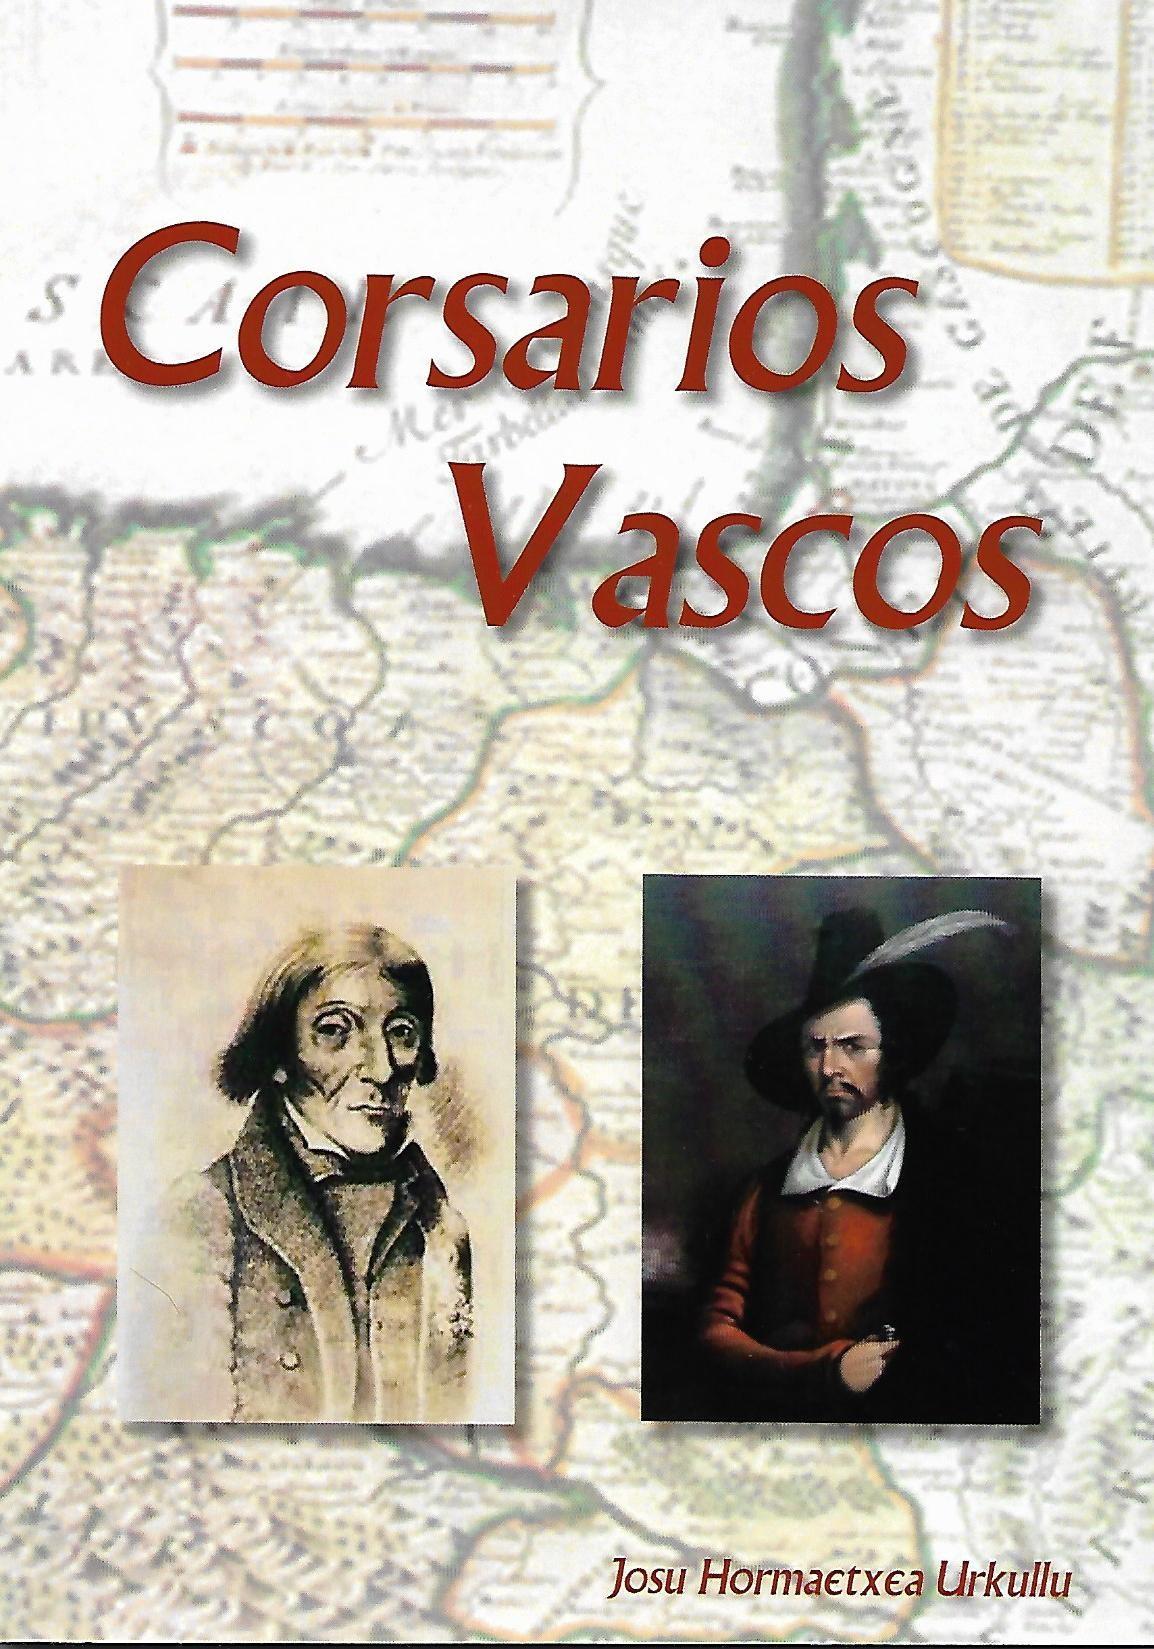 """Josu Hormaetxe: """"Corsarios Vascos"""""""